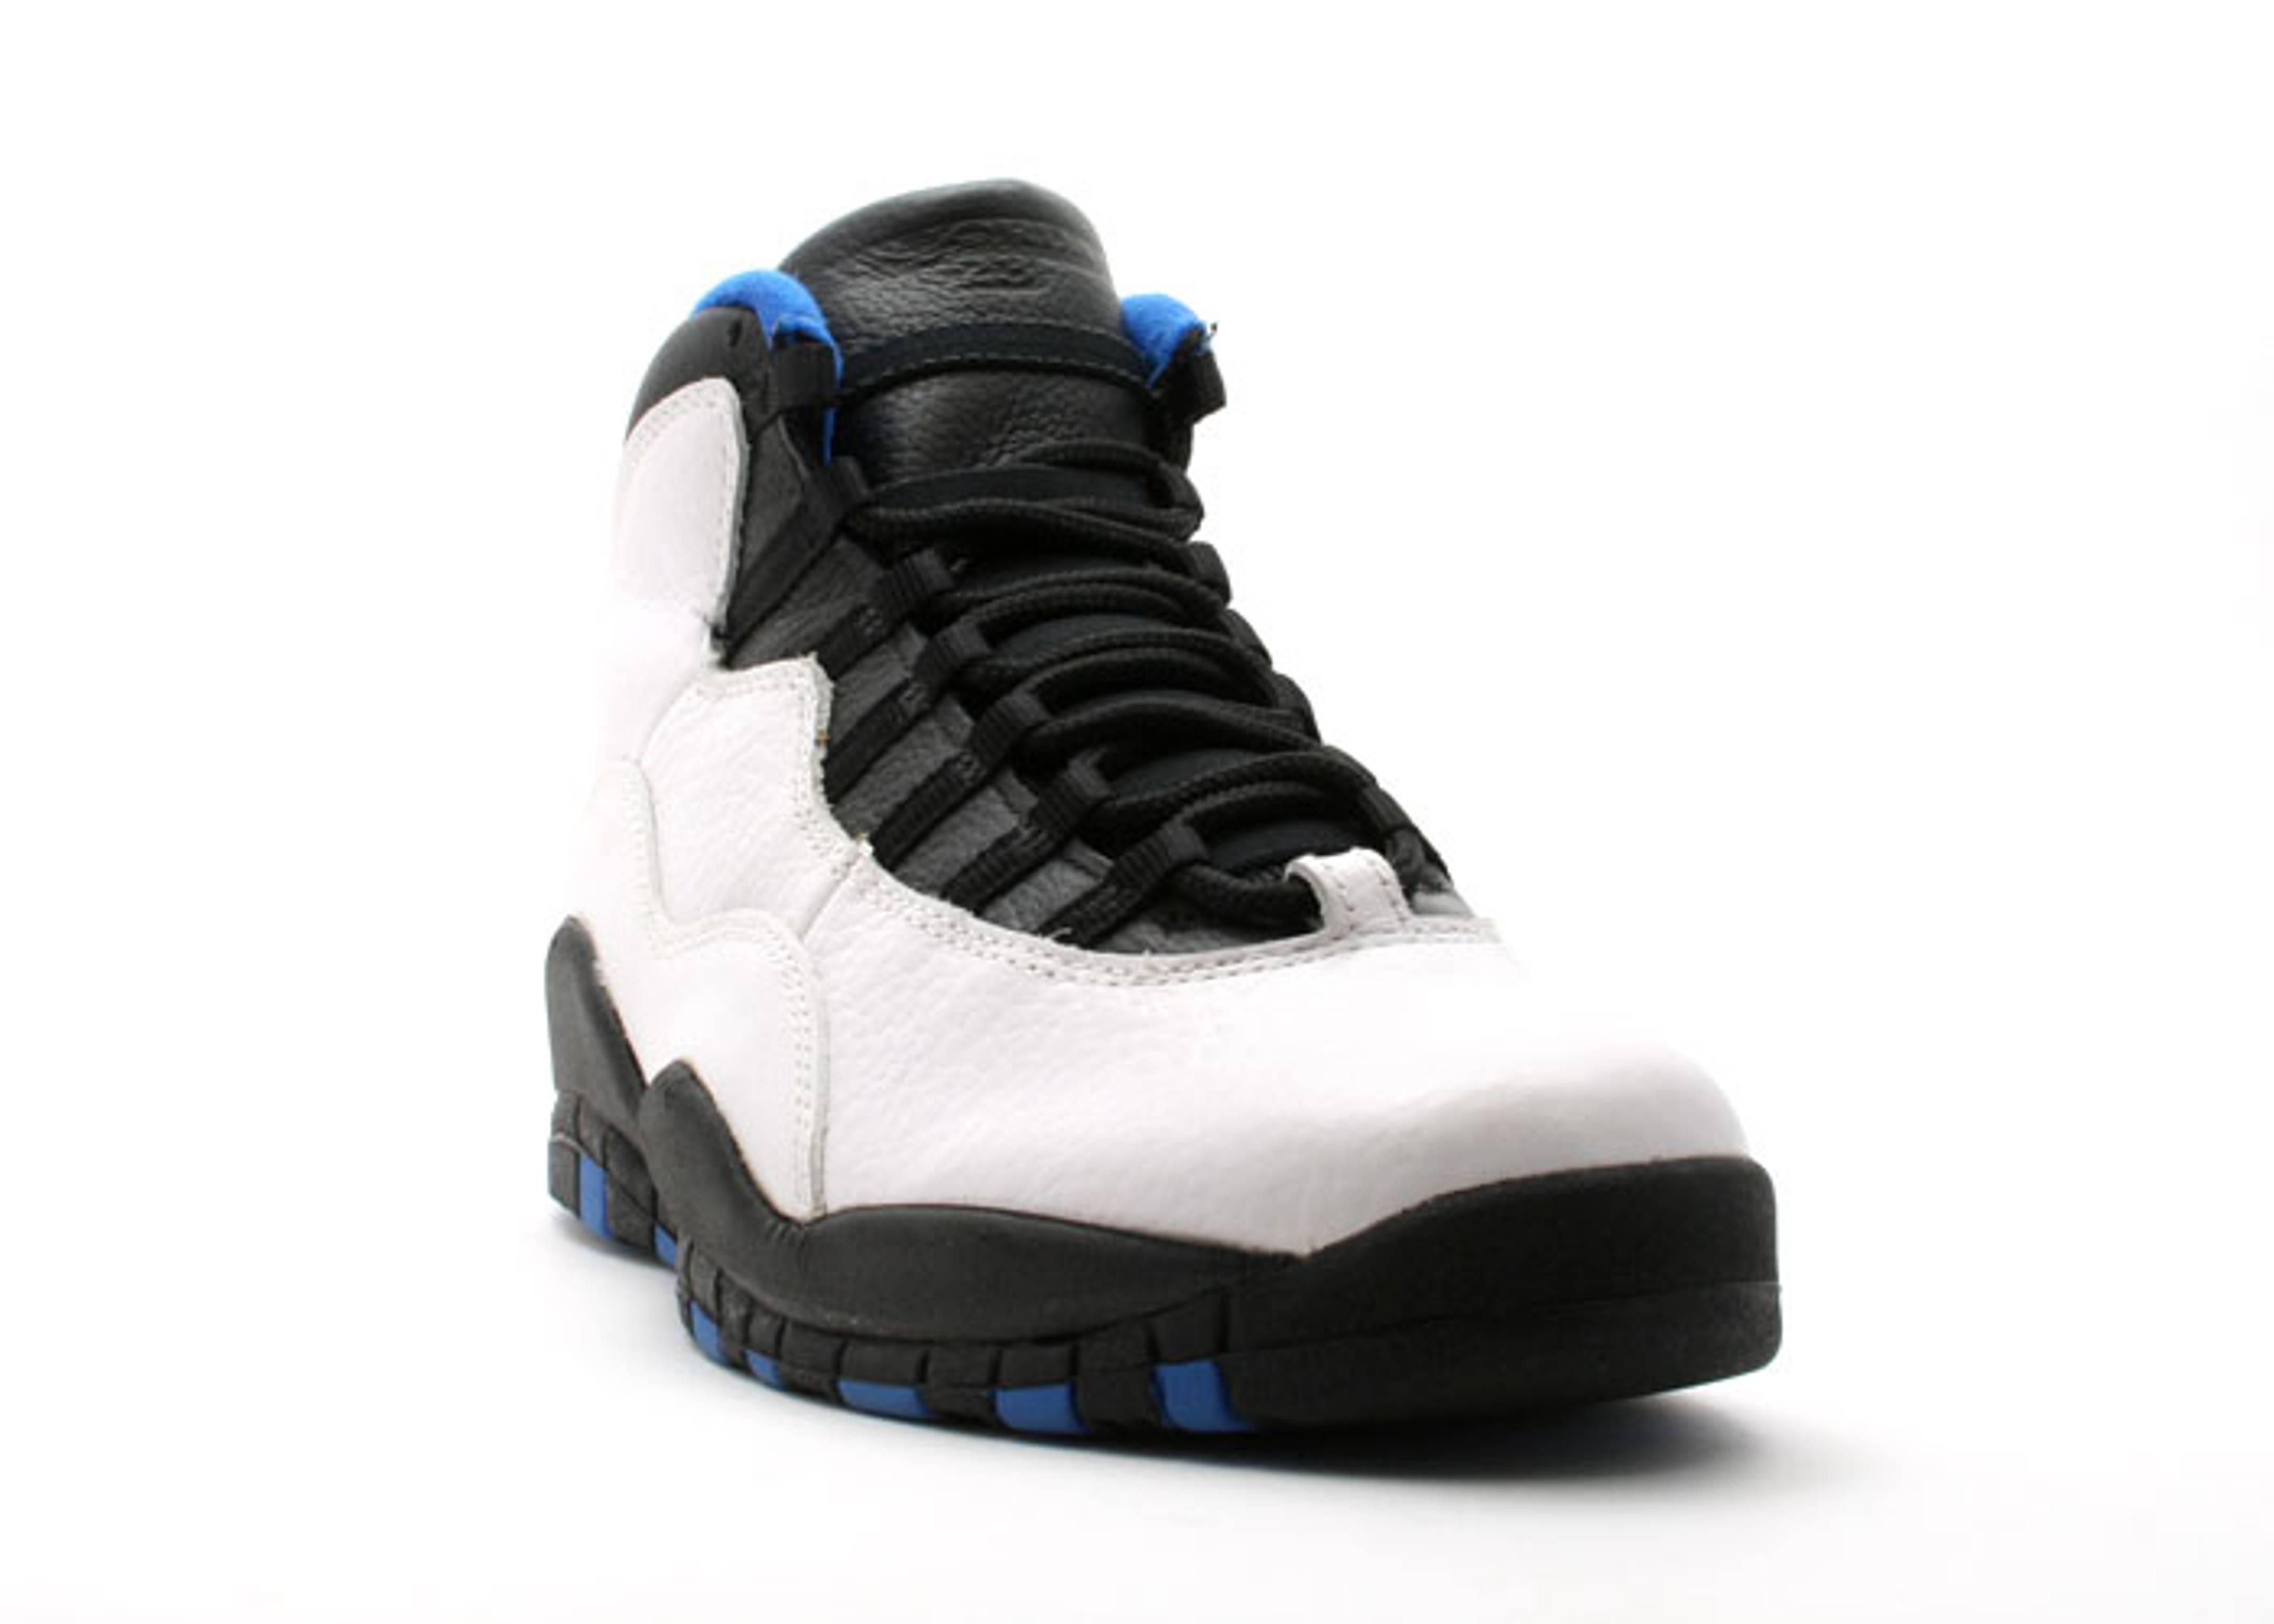 b44a0c4f823e10 Air Jordan 10